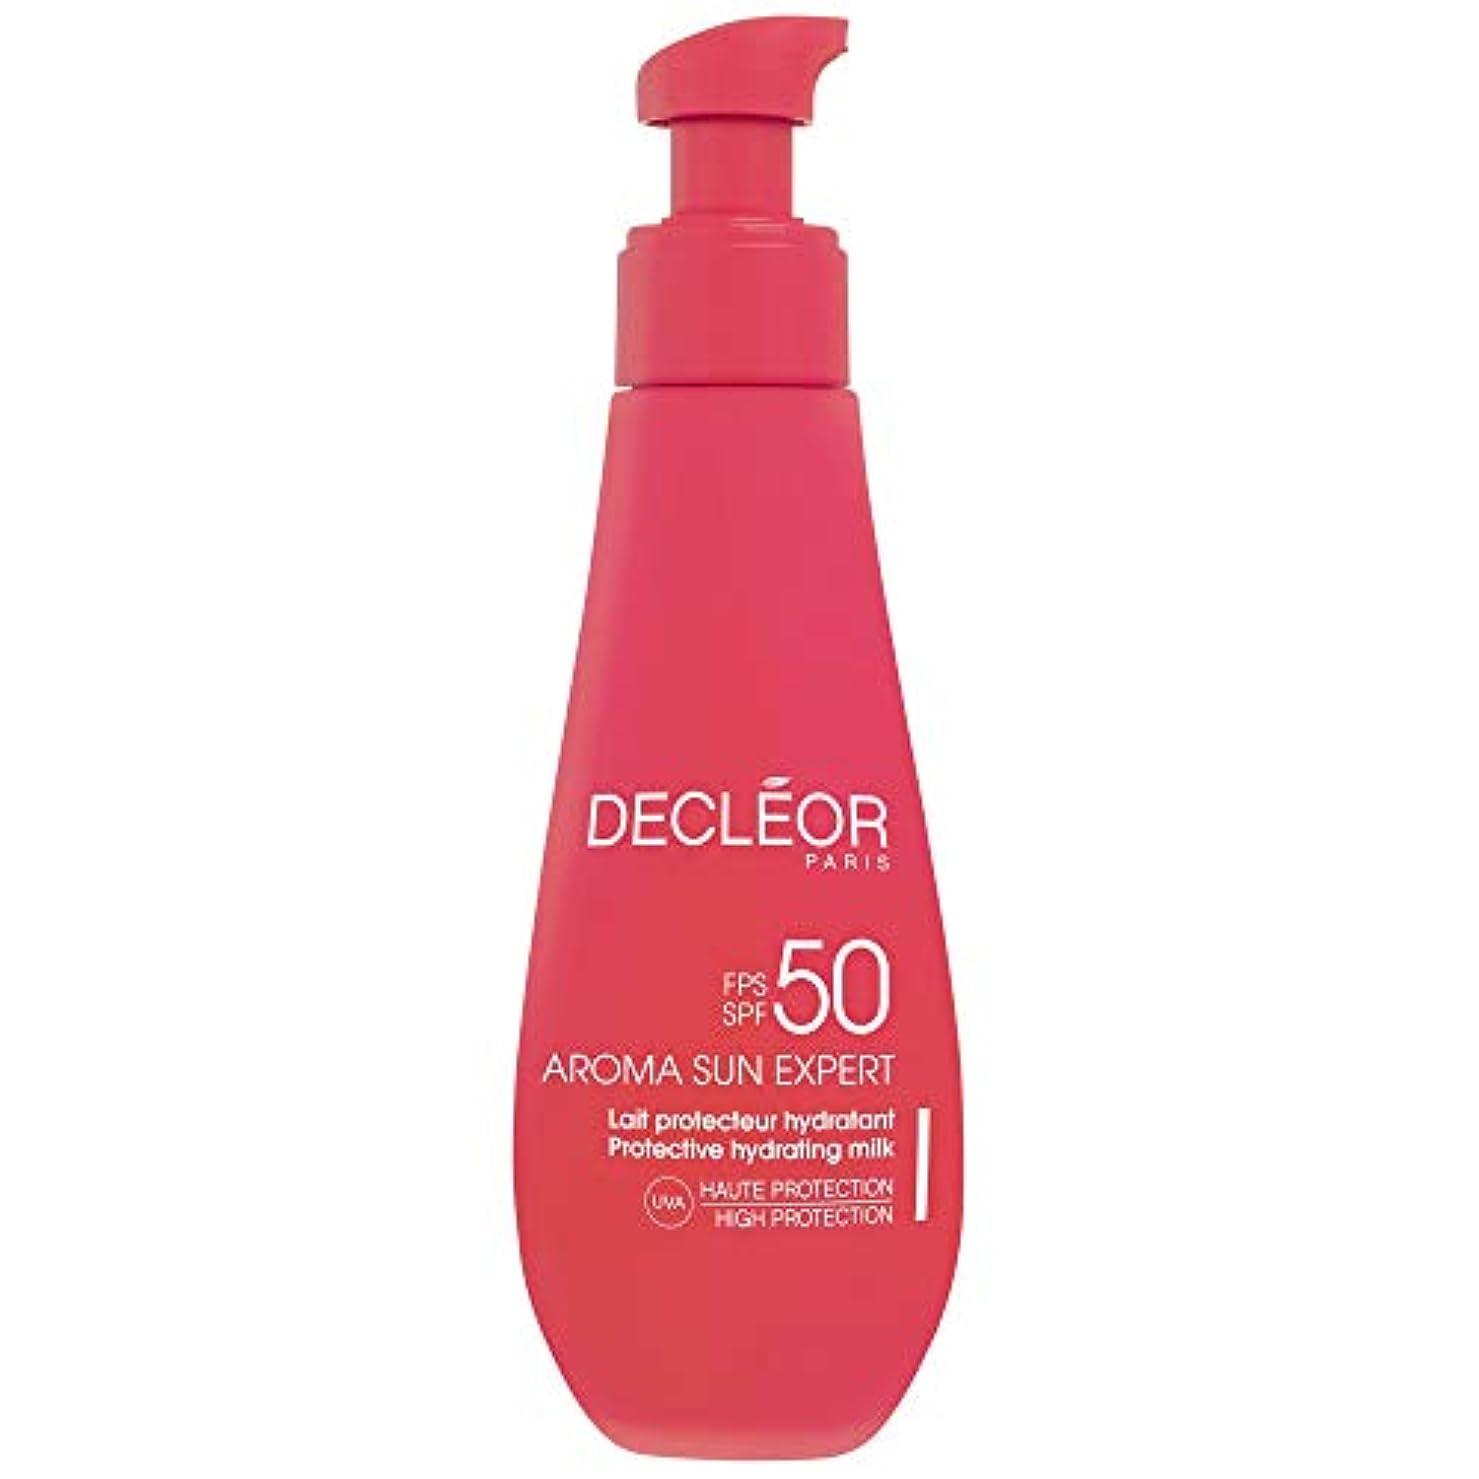 ジョージバーナード適応する栄光[Decl?or ] デクレオールアロマ日の専門家で超保護抗シワクリームSpf50 - ボディローション150Ml - Decl?or Aroma Sun Expert Ultra Protective Anti-Wrinkle...